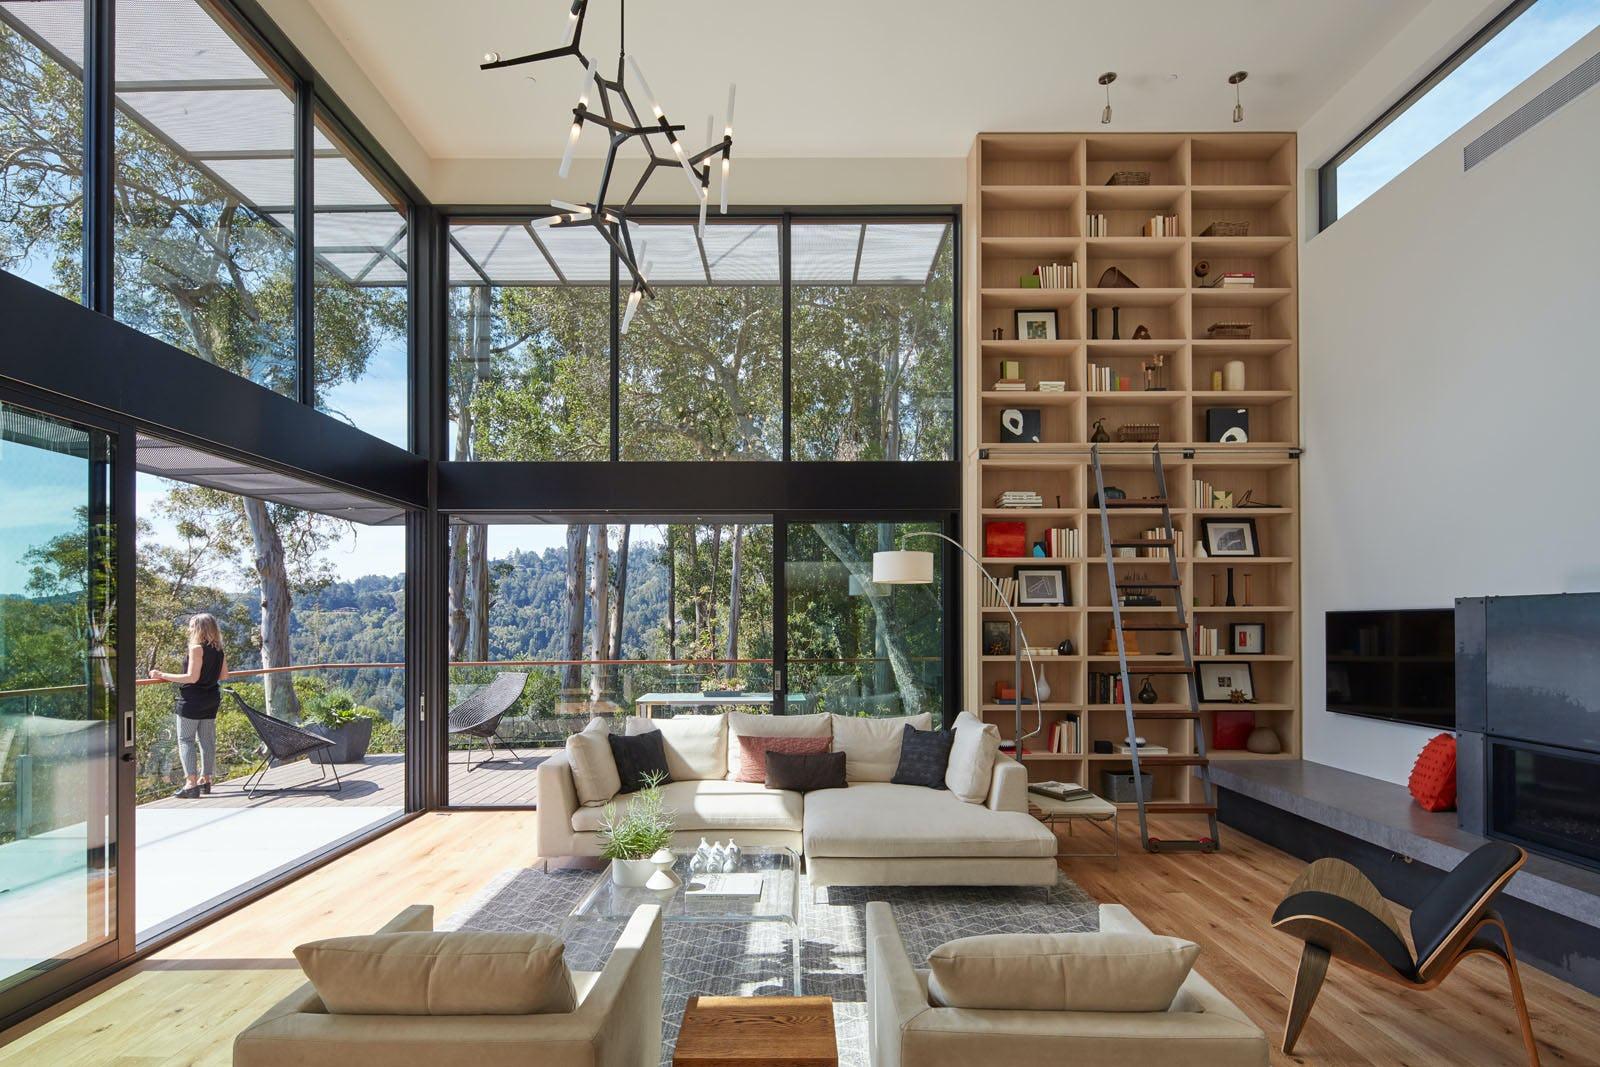 Builtform construction 441tamresidence full living room modern shelf smaller